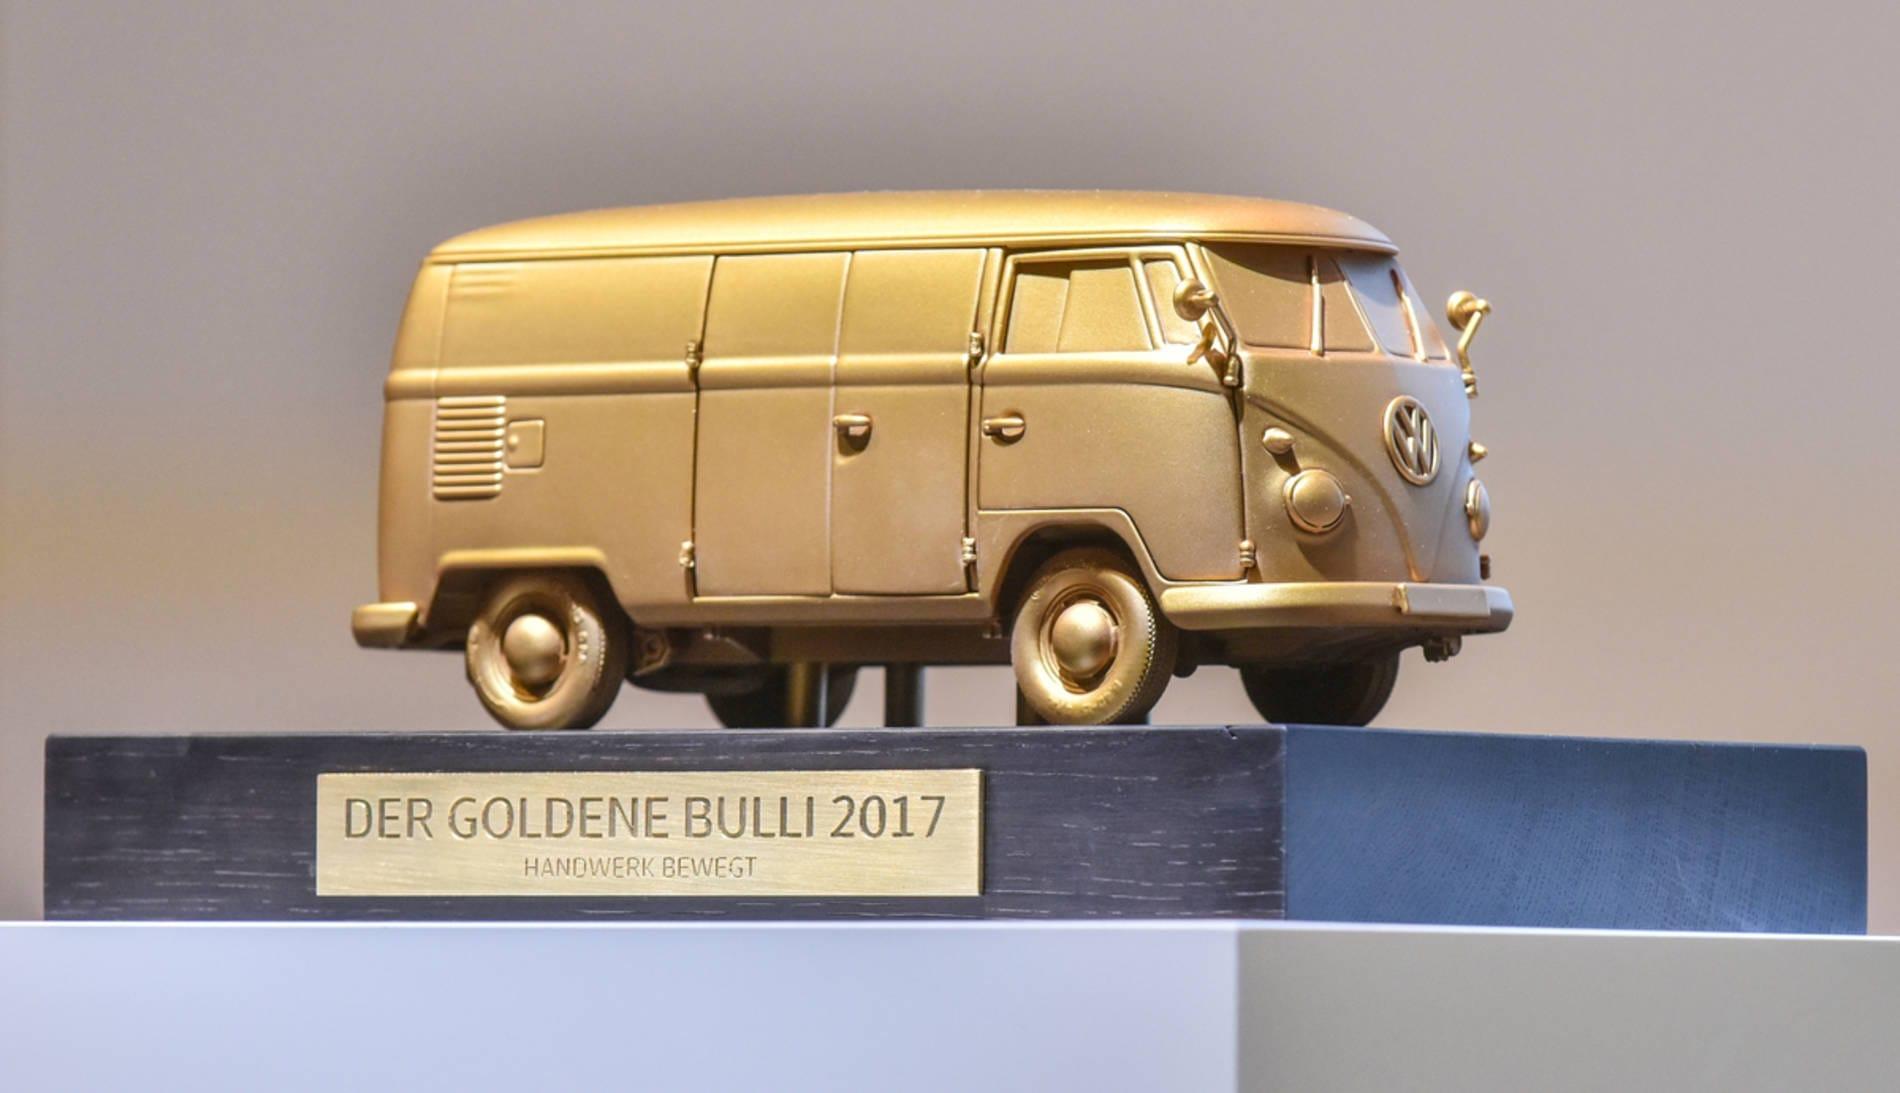 Goldener Bulli 2017